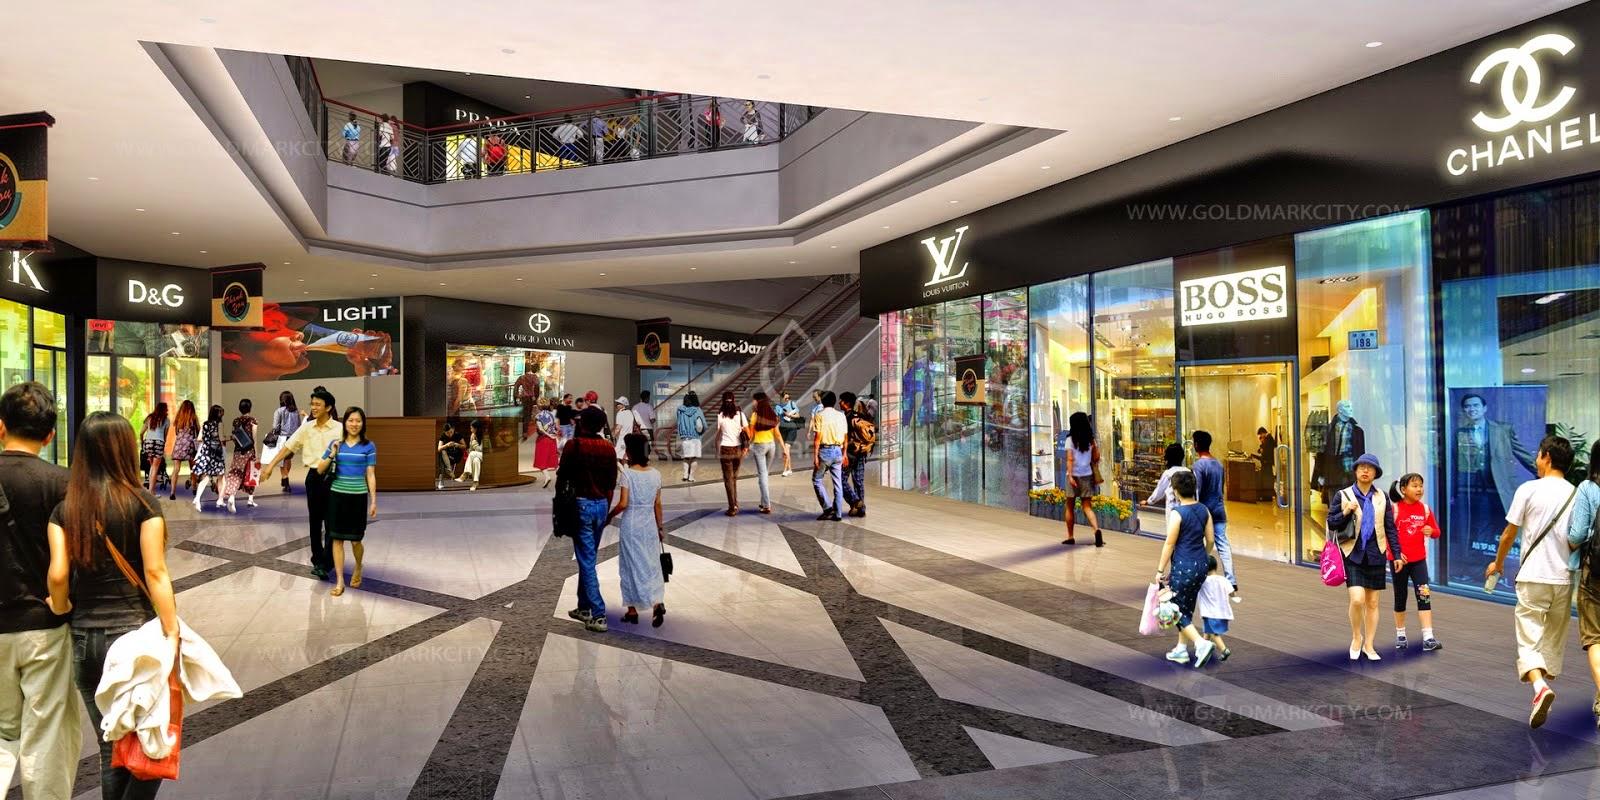 Richmond City tọa lạc ngay mặt tiền đường Nguyễn Xí, con đường đầy tiềm năng, có quy hoạch mở rộng 30m và tương lai sẽ dễ dàng kết nối với tuyến Metro 3B.